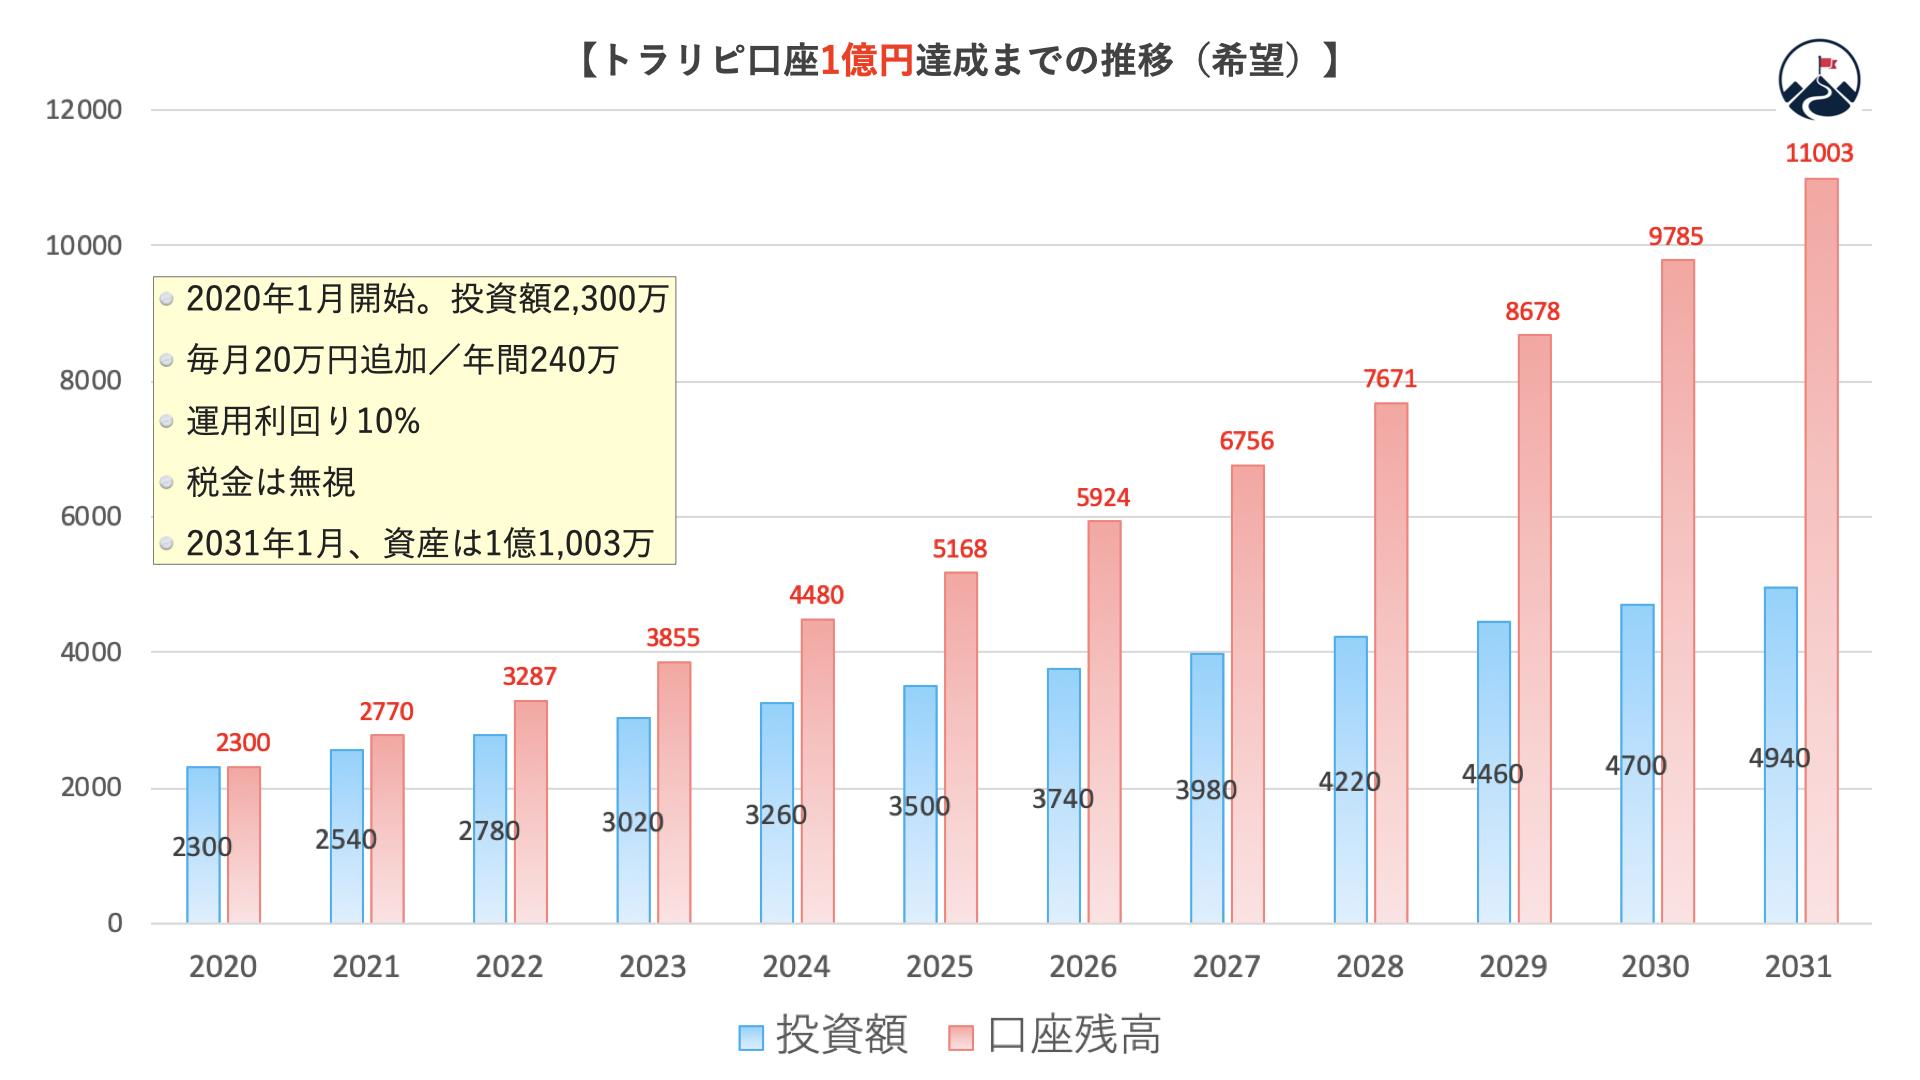 トラリピ1億円計画